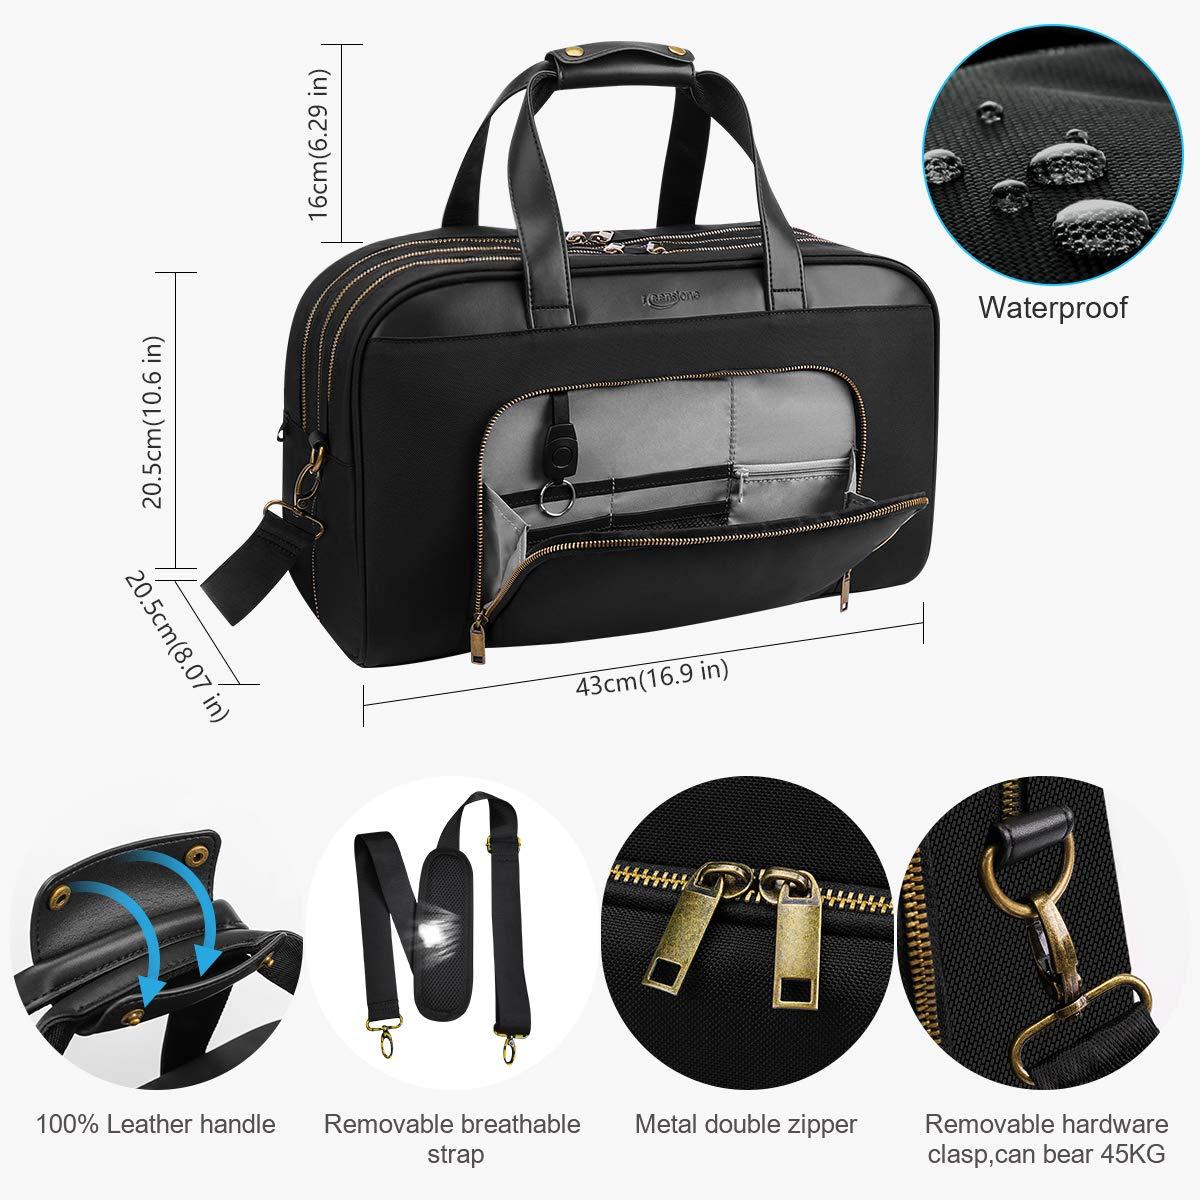 Keenstone Handgepäck Reisegepäck Reisetasche Sporttasche 35-40L 43x20,5x7 Maximales (Marine)